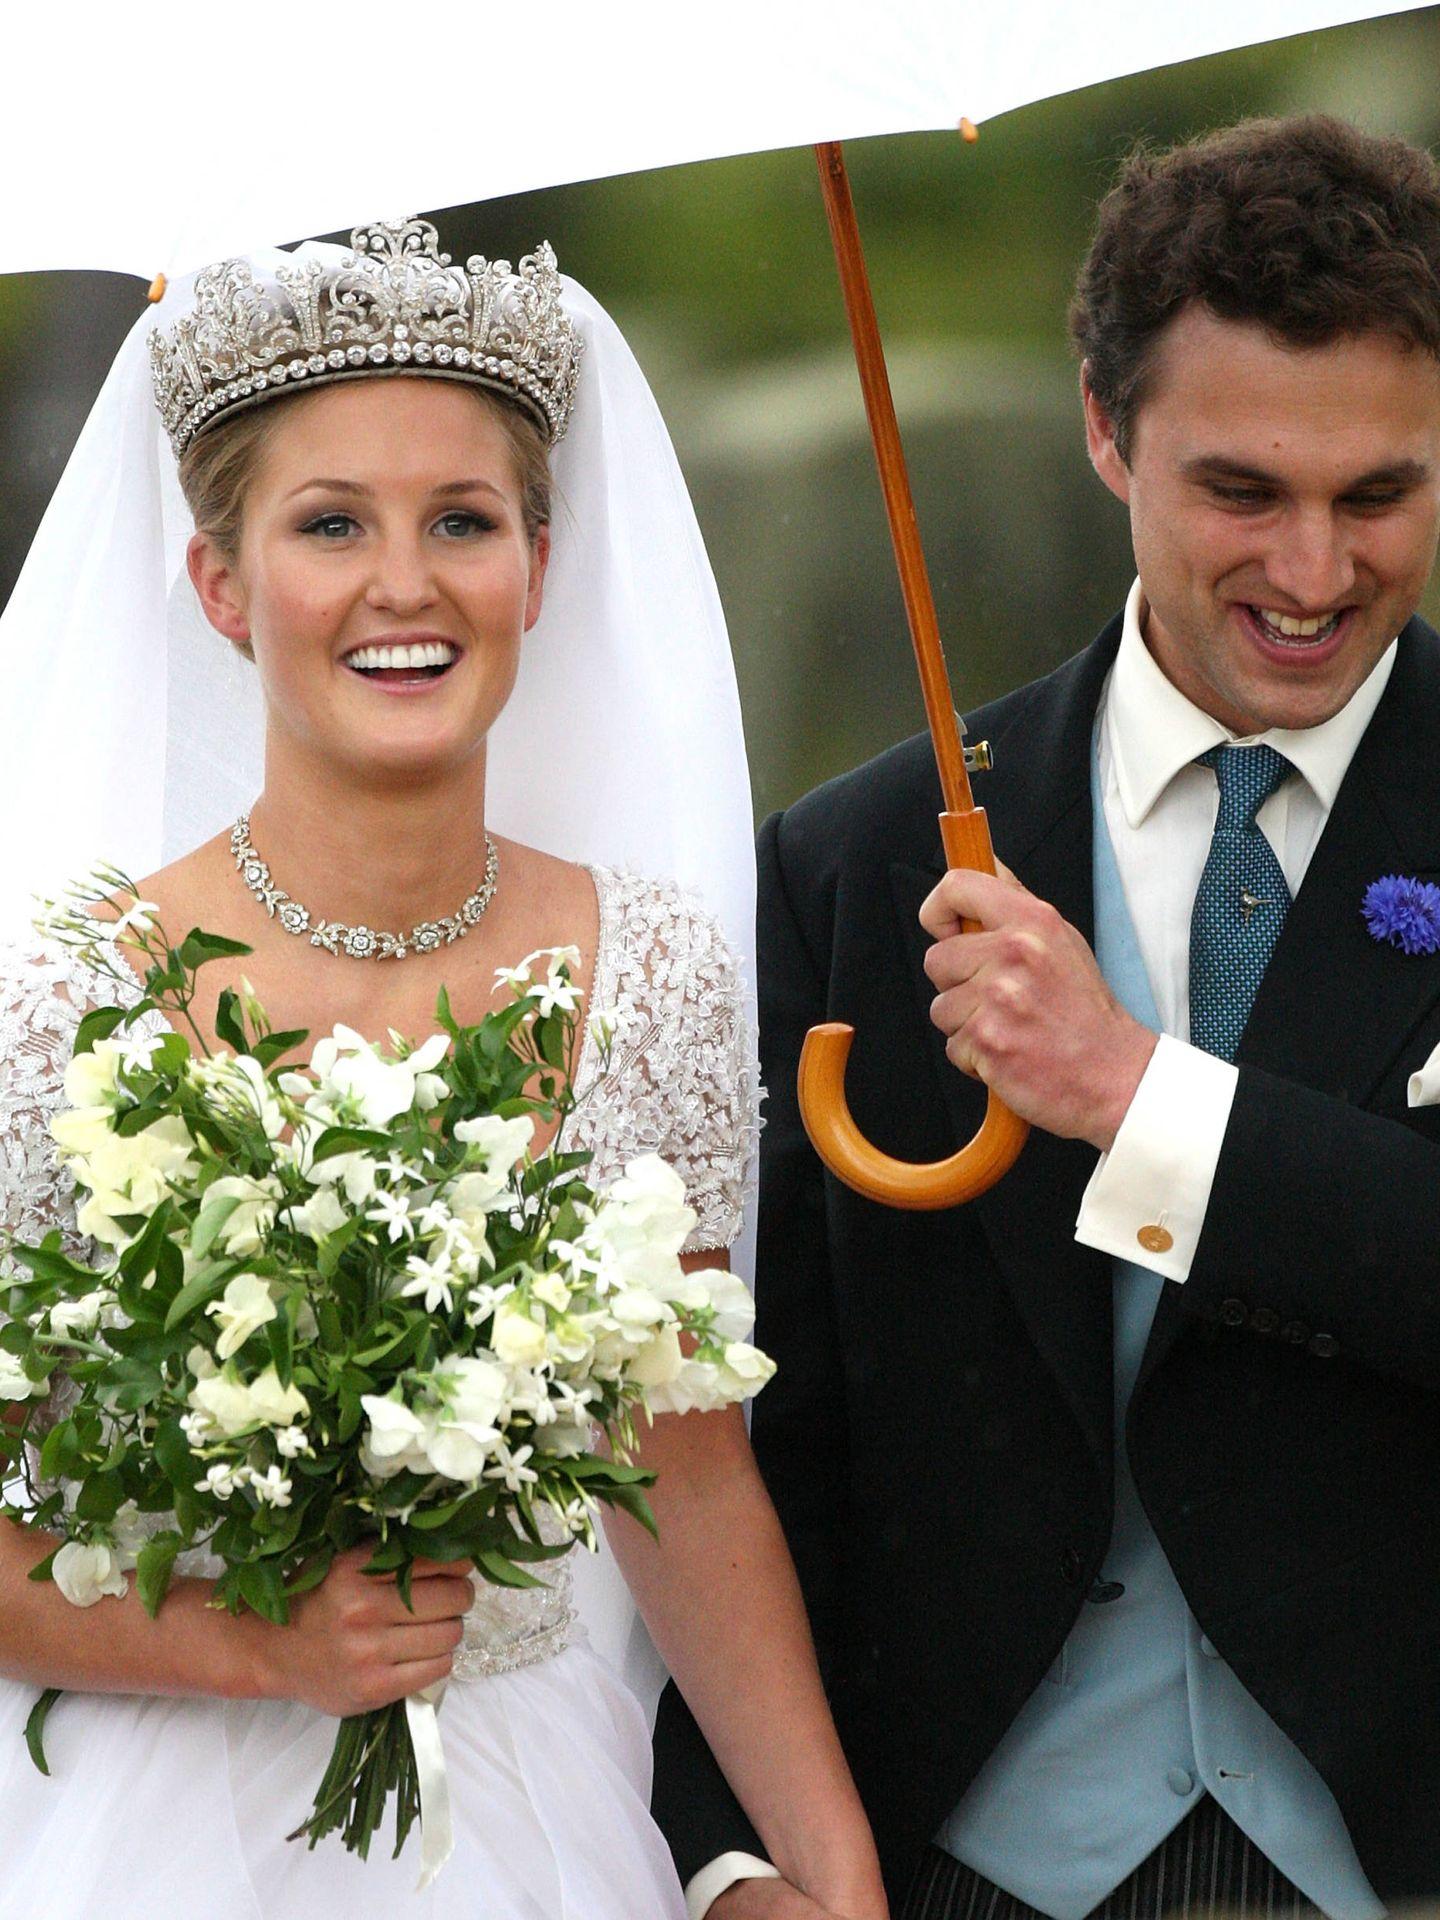 La boda de Melissa Percy y Thomas Van Straubenzee en 2013. (Getty)